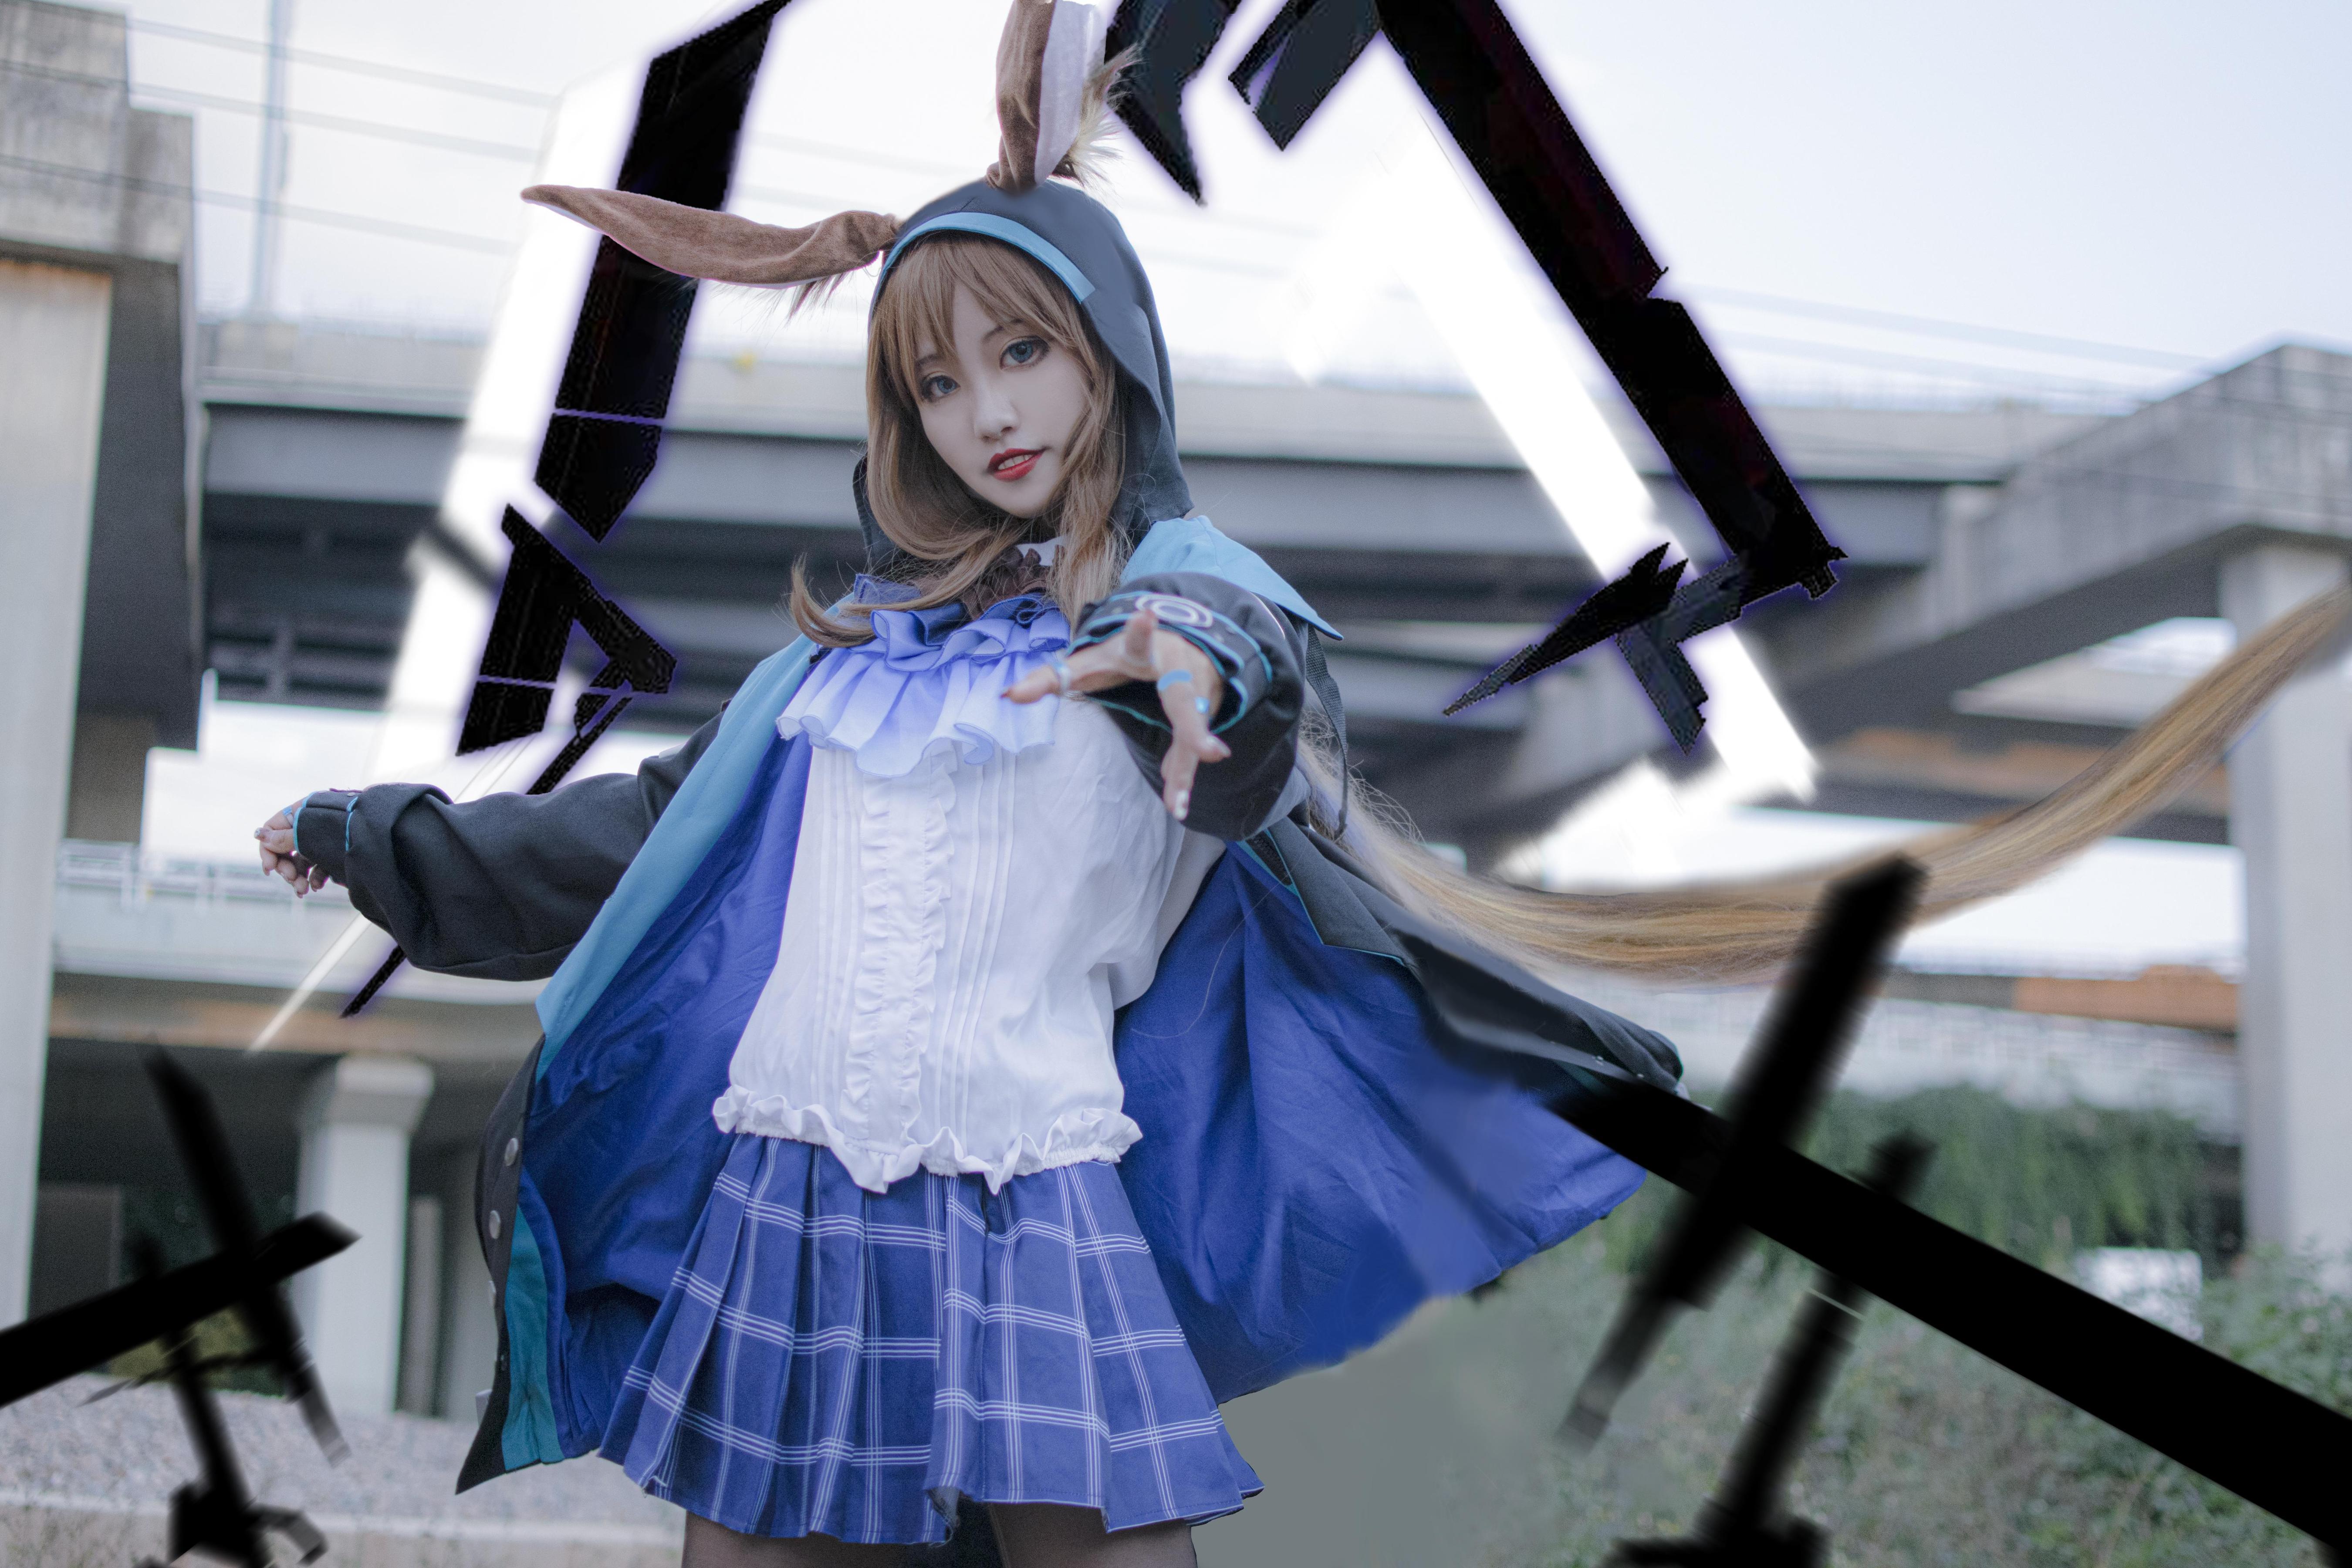 《明日方舟》明日方舟阿米娅cosplay【CN:_顾衍】-第6张